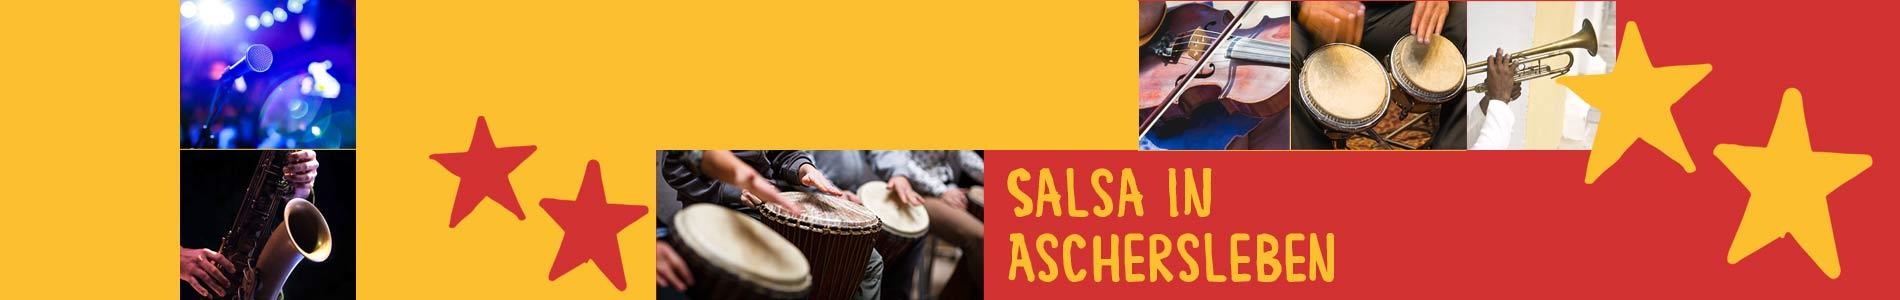 Salsa in Aschersleben – Salsa lernen und tanzen, Tanzkurse, Partys, Veranstaltungen